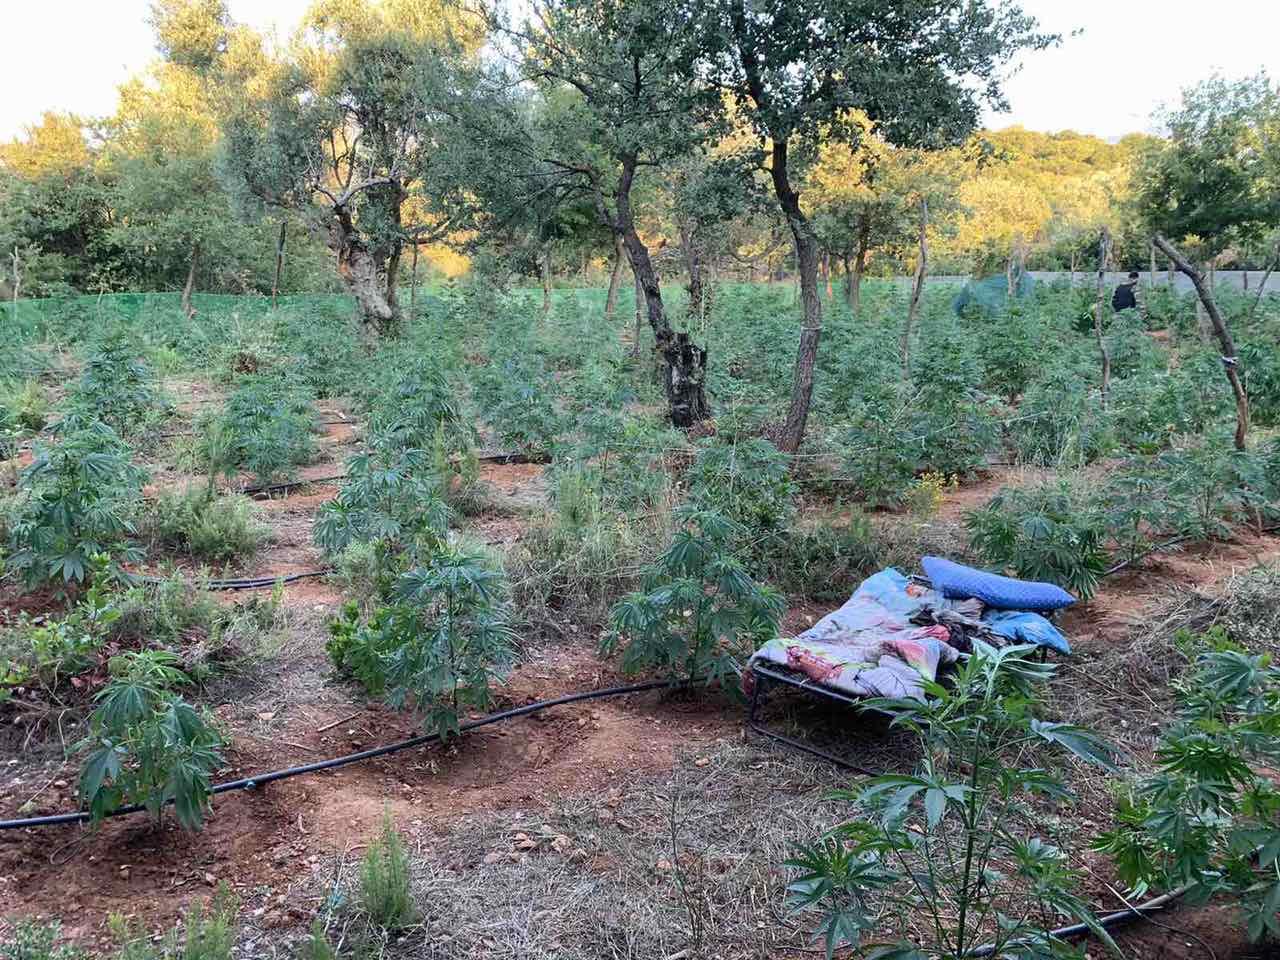 Συνελήφθησαν δυο άτομα που καλλιεργούσαν 640 δενδρύλλια κάνναβης στον Ταΰγετο, τραυμάτισαν δύο αστυνομικούς 1